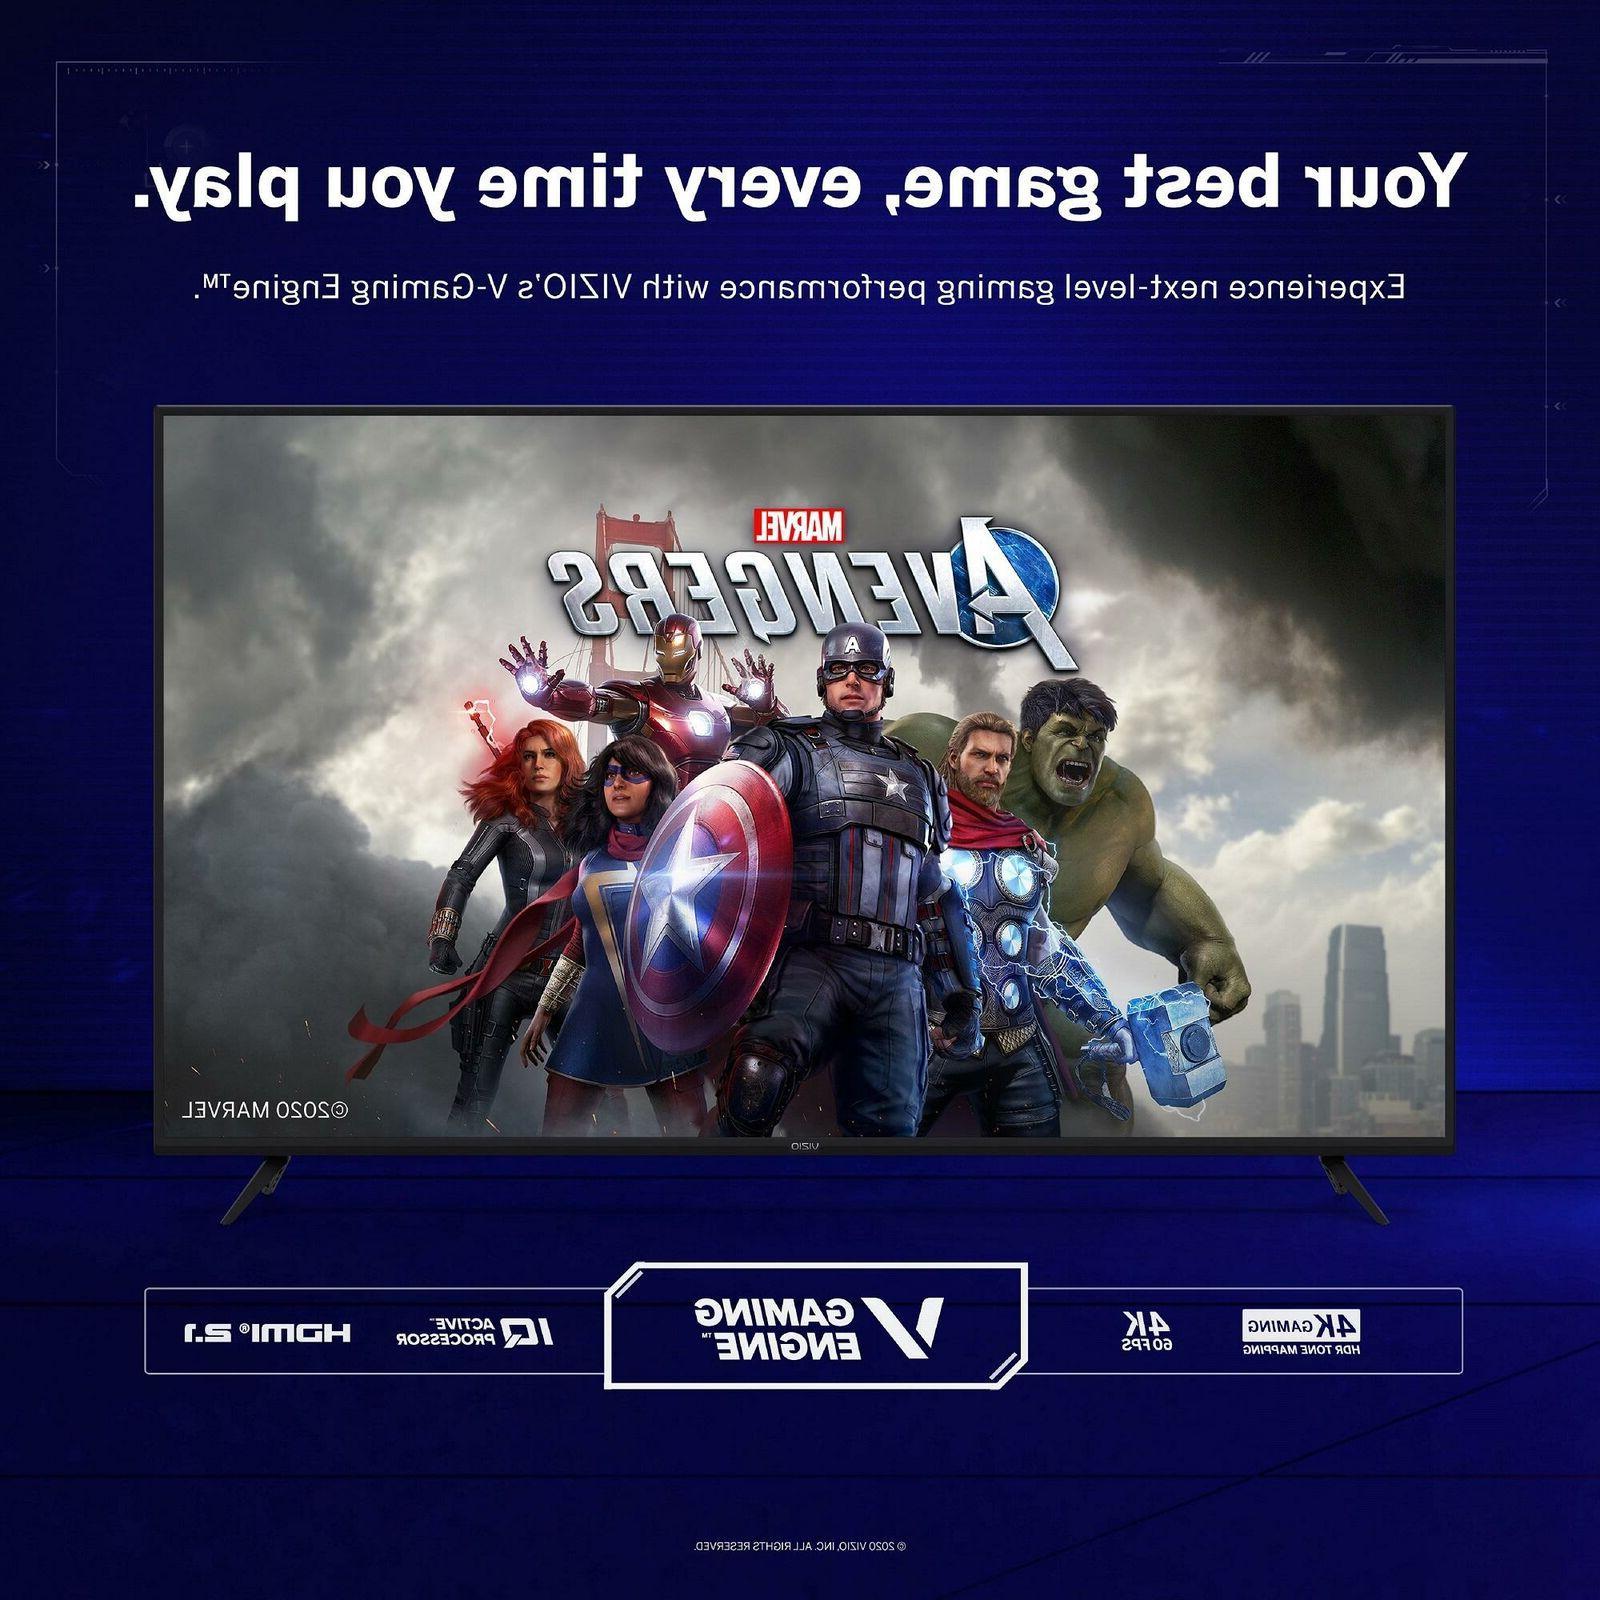 VIZIO UHD LED TV M Series HDMI HD V Gaming